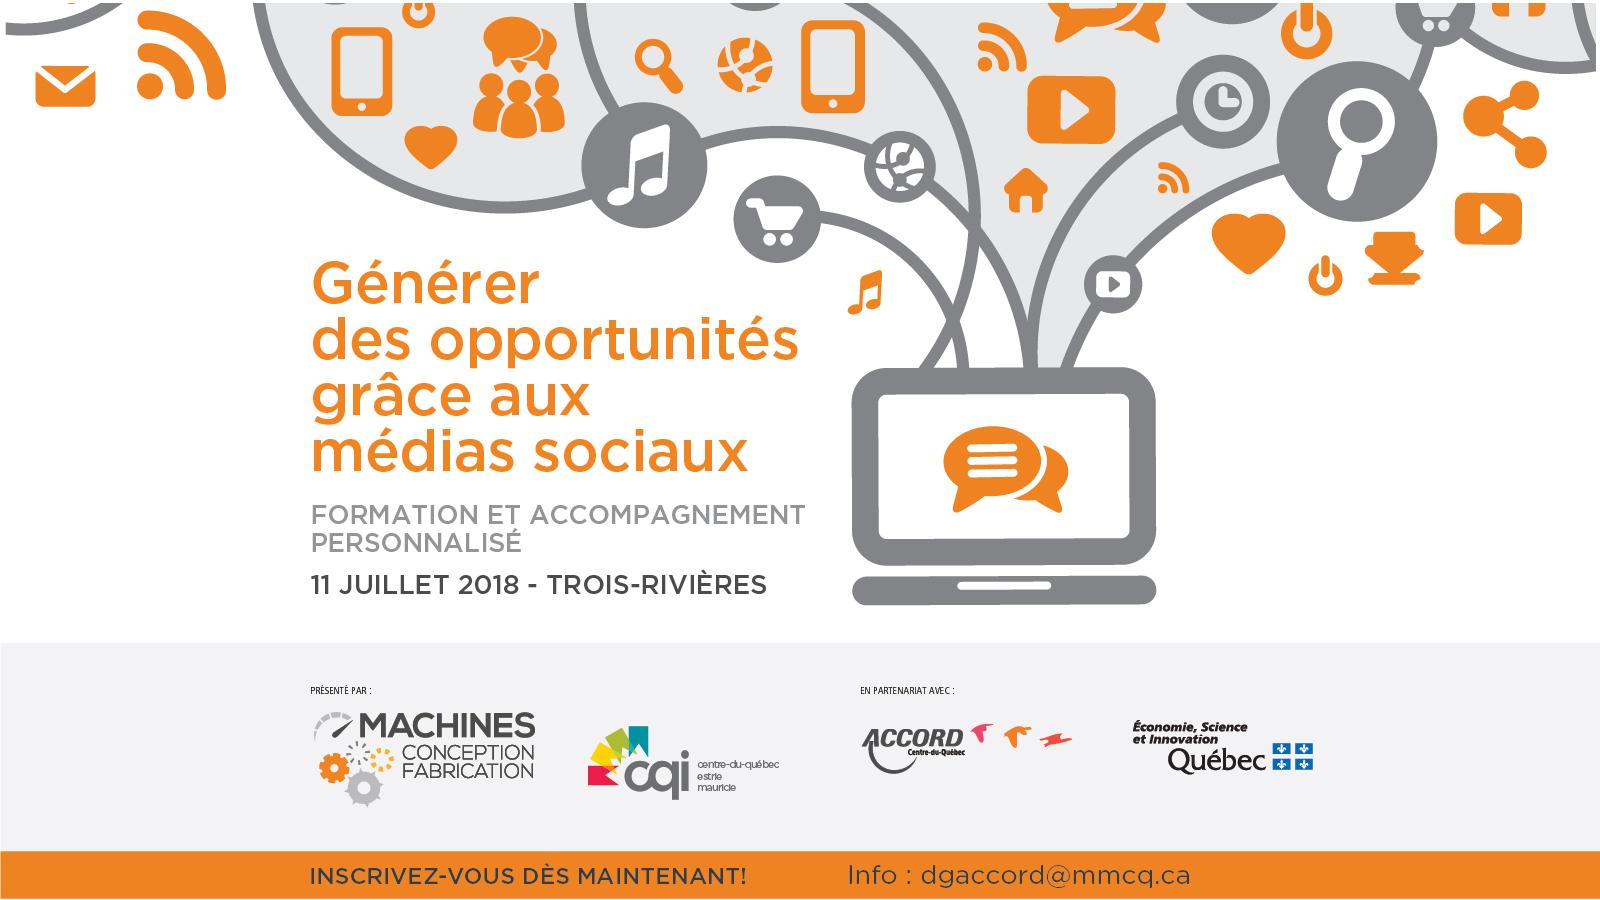 Formation sur les médias sociaux et accompagnement personnalisé